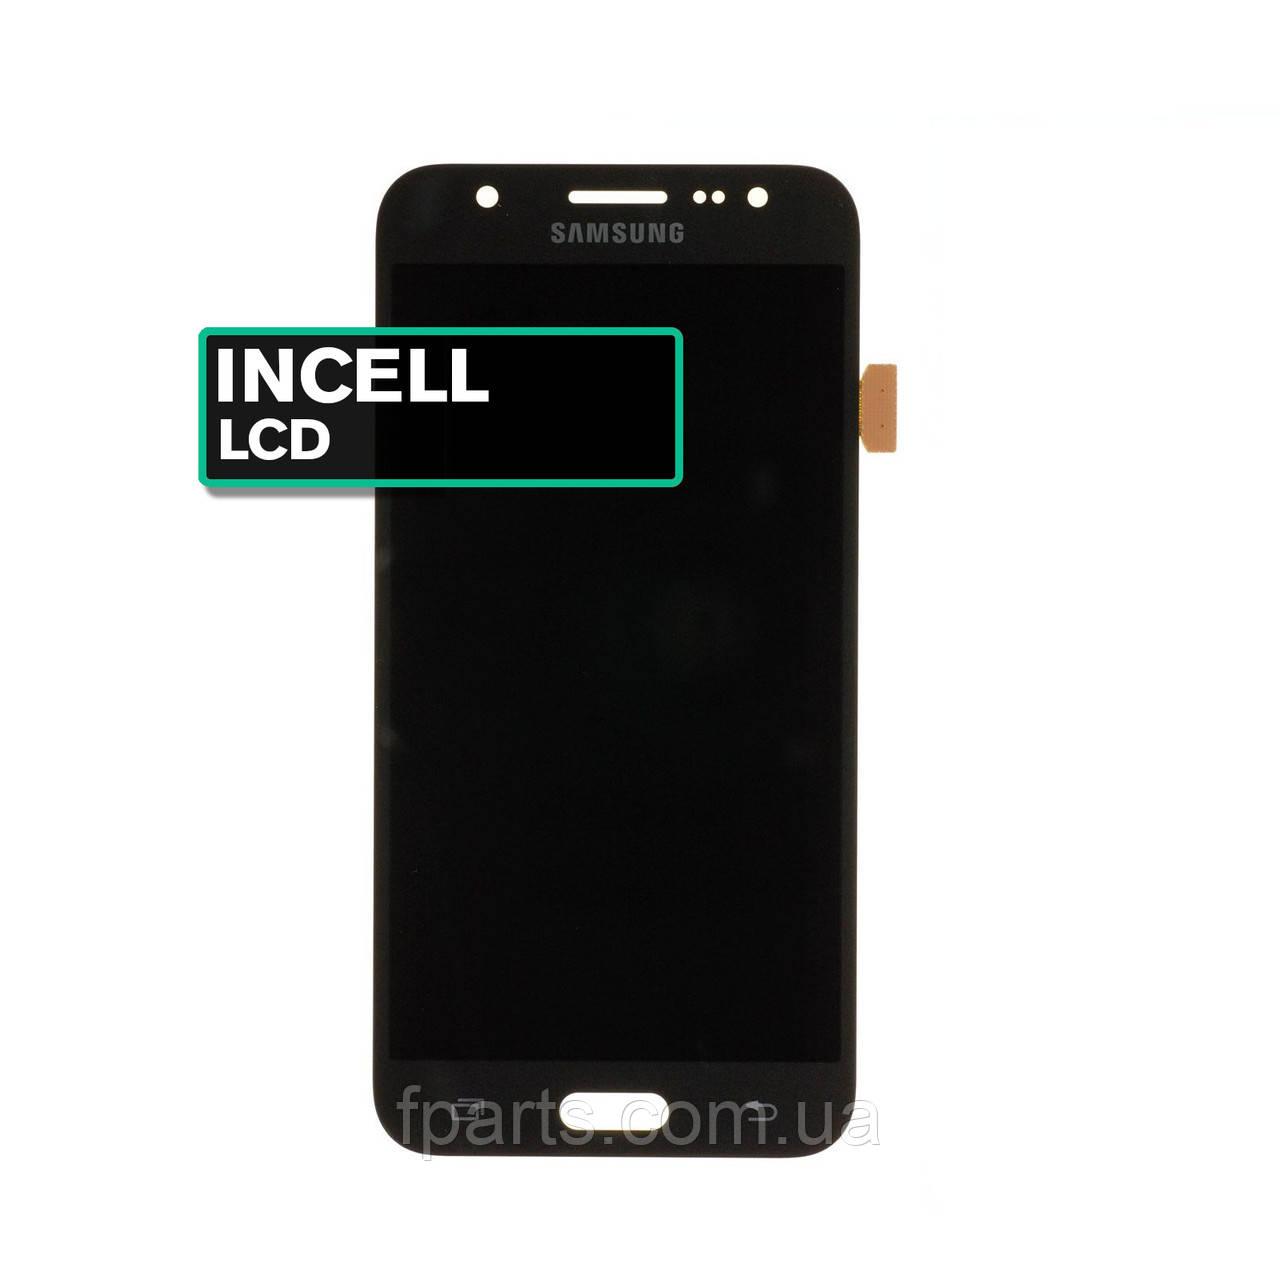 Дисплей для Samsung J500 Galaxy J5 з тачскріном, Black (INCELL)